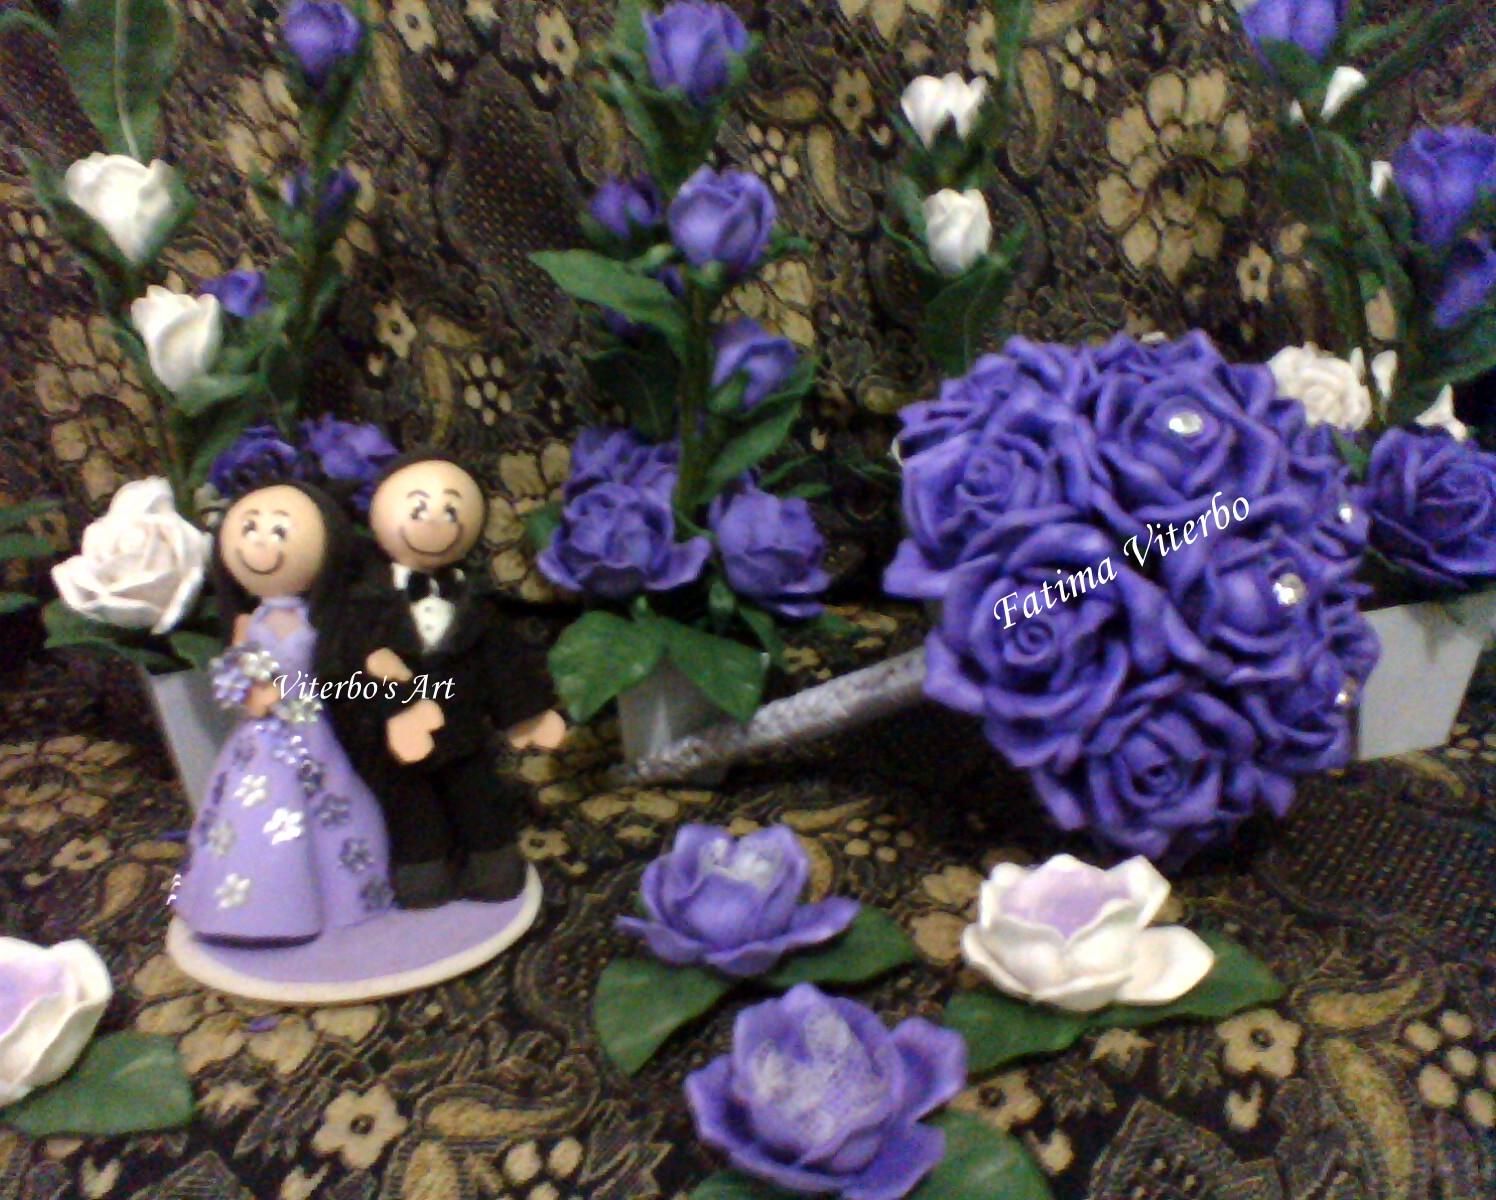 Prepara o buquê: as top 5 flores de casamento! Lilian Pacce - Fotos De Buque De Flores Para Casamento